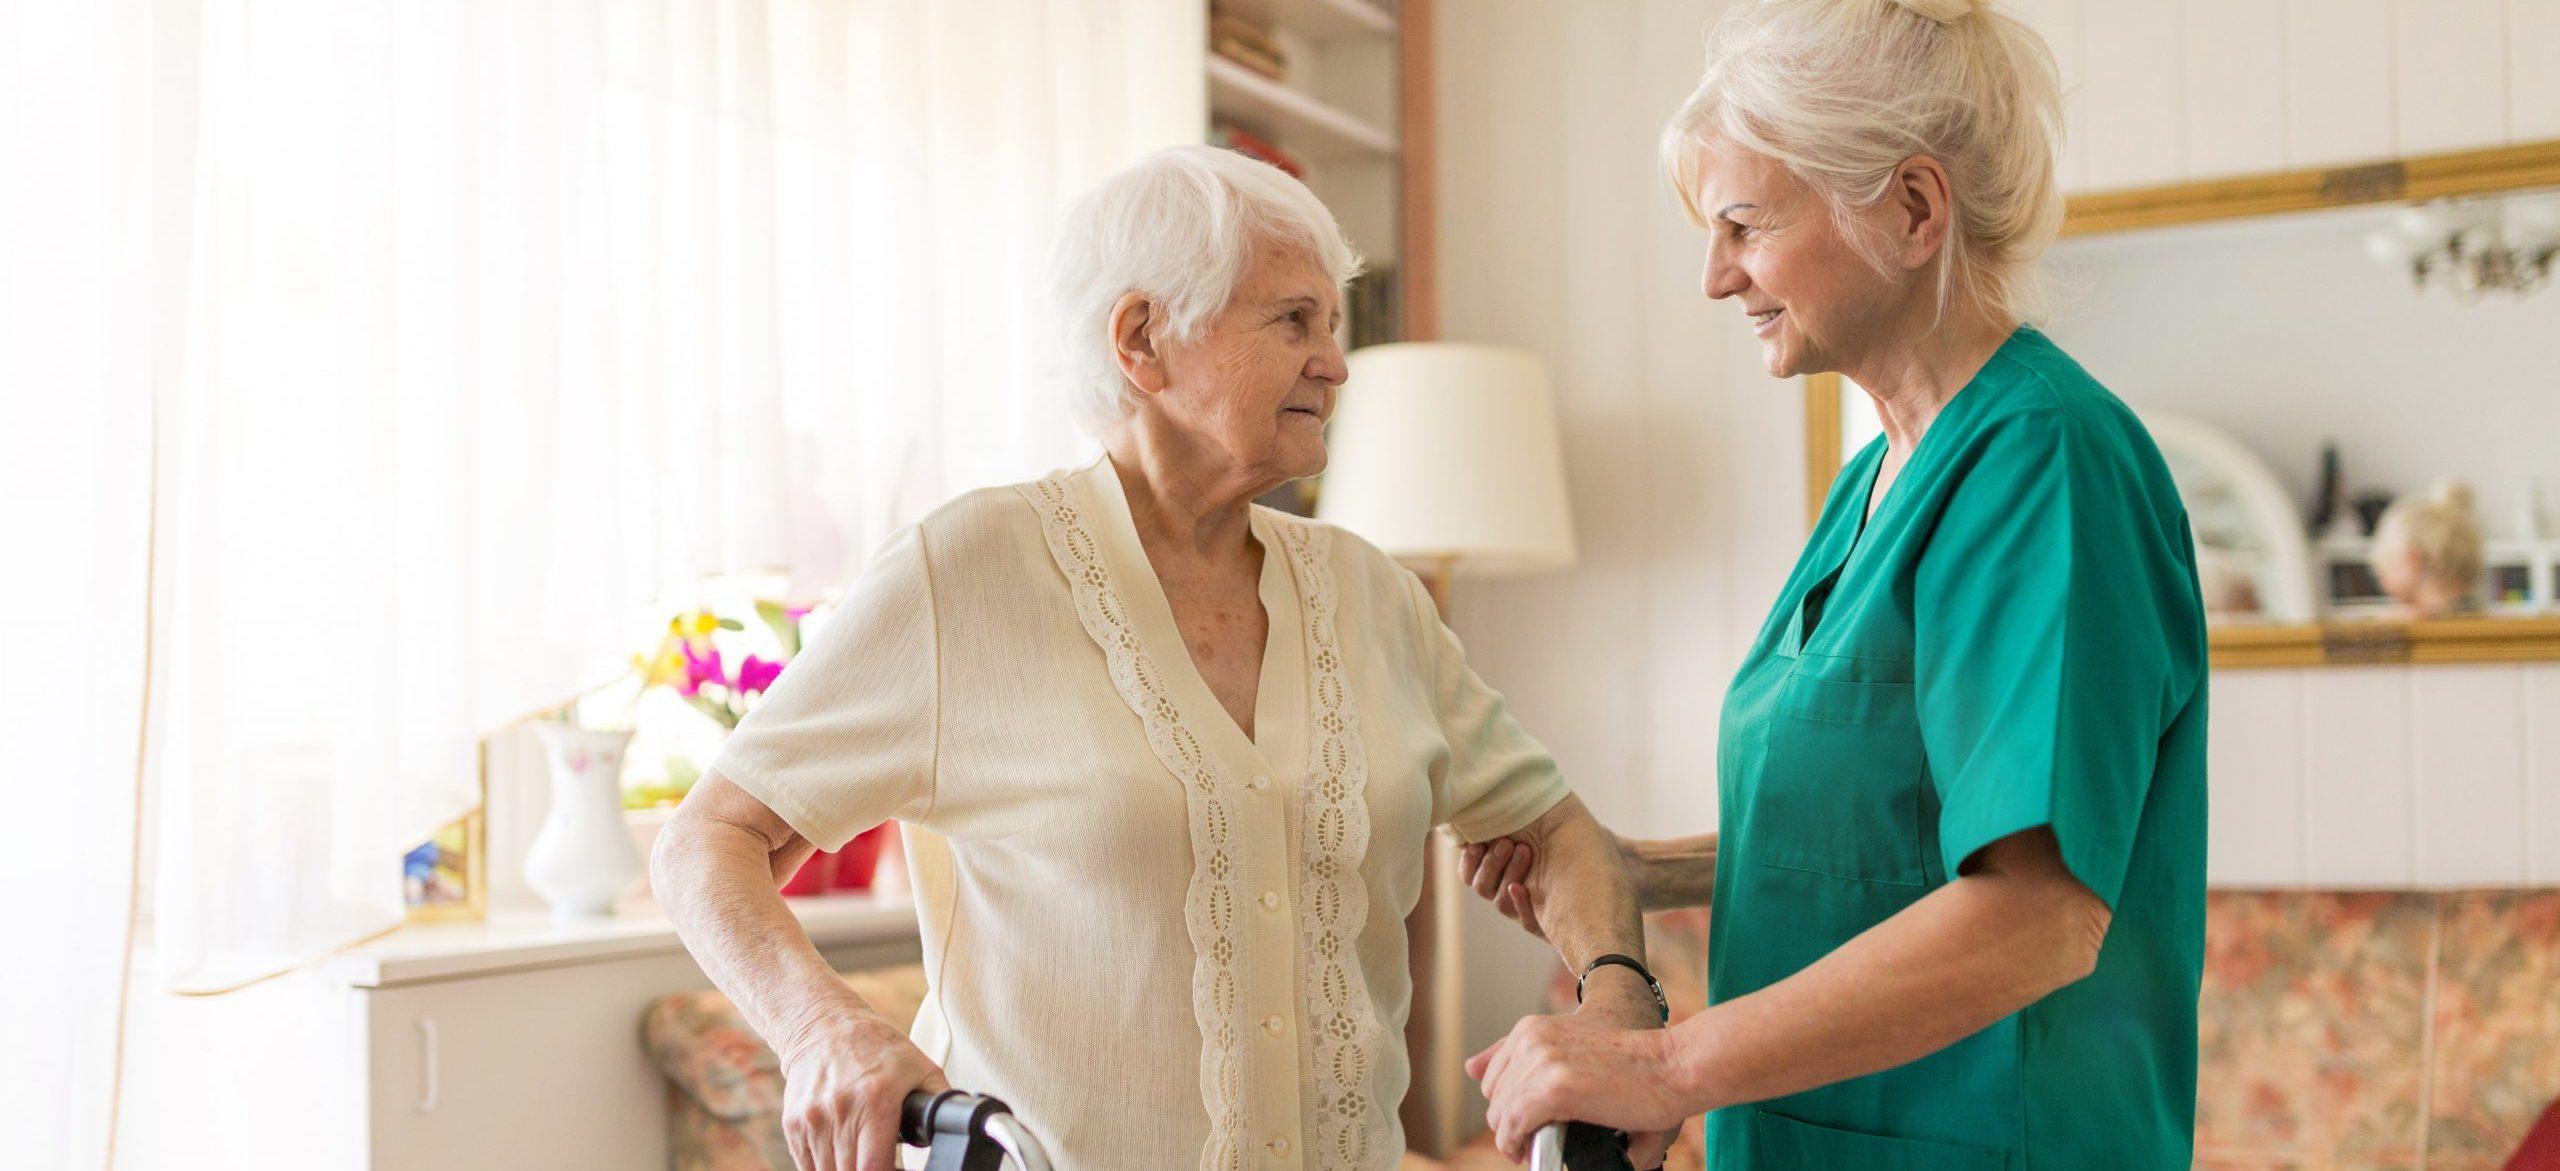 Pflegekraft unterstützt eine Seniorin.